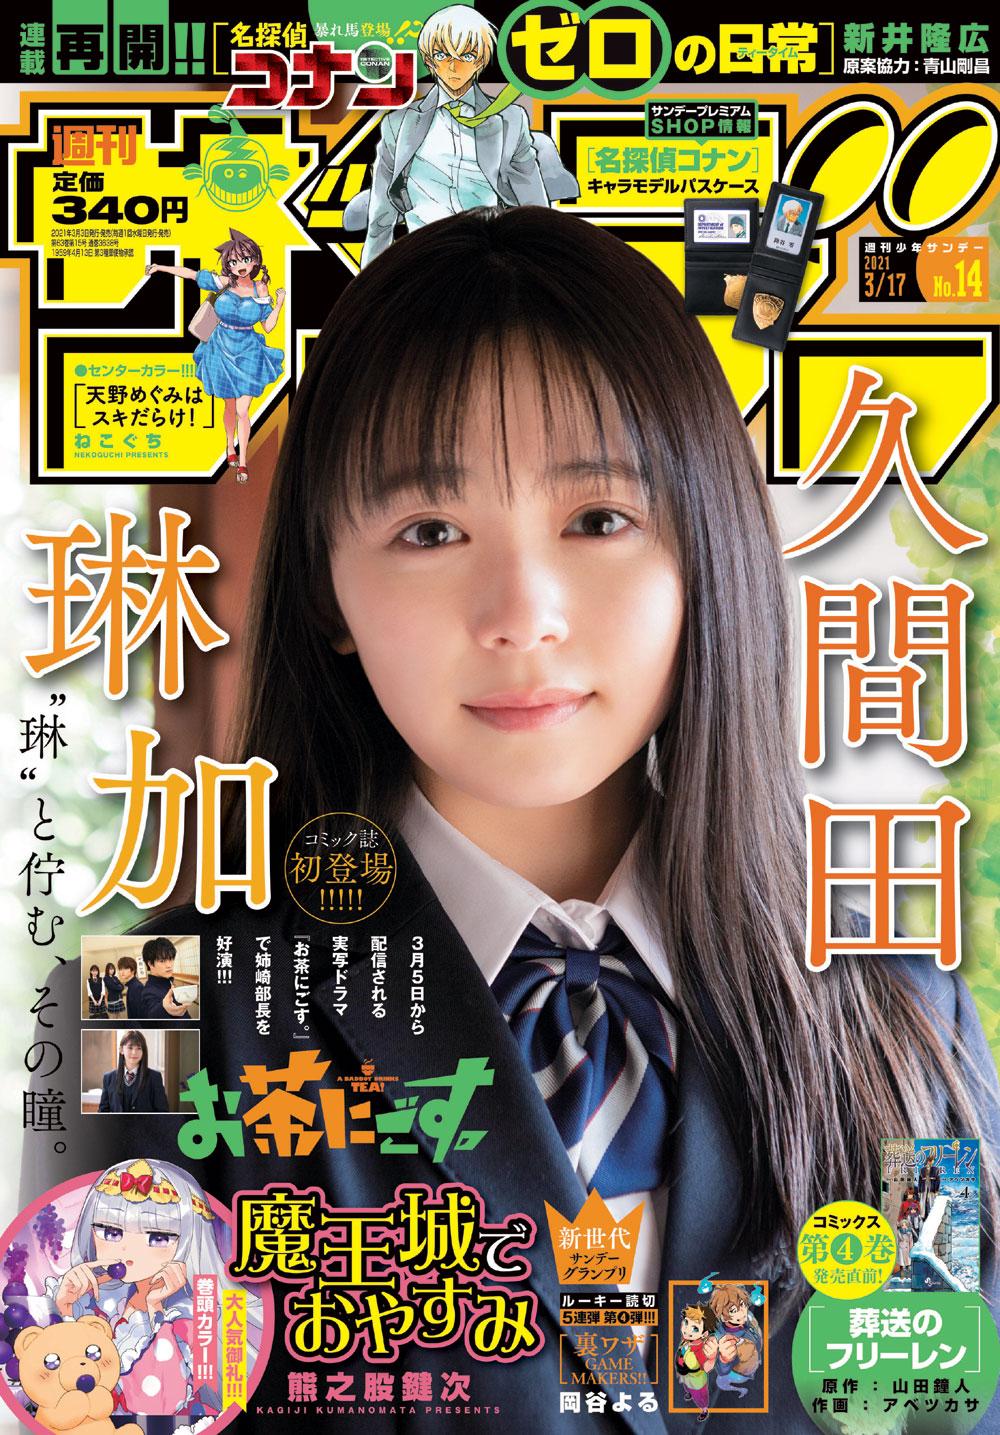 モデルの「久間田琳加」が『少年サンデー』初登場!表紙を飾る!